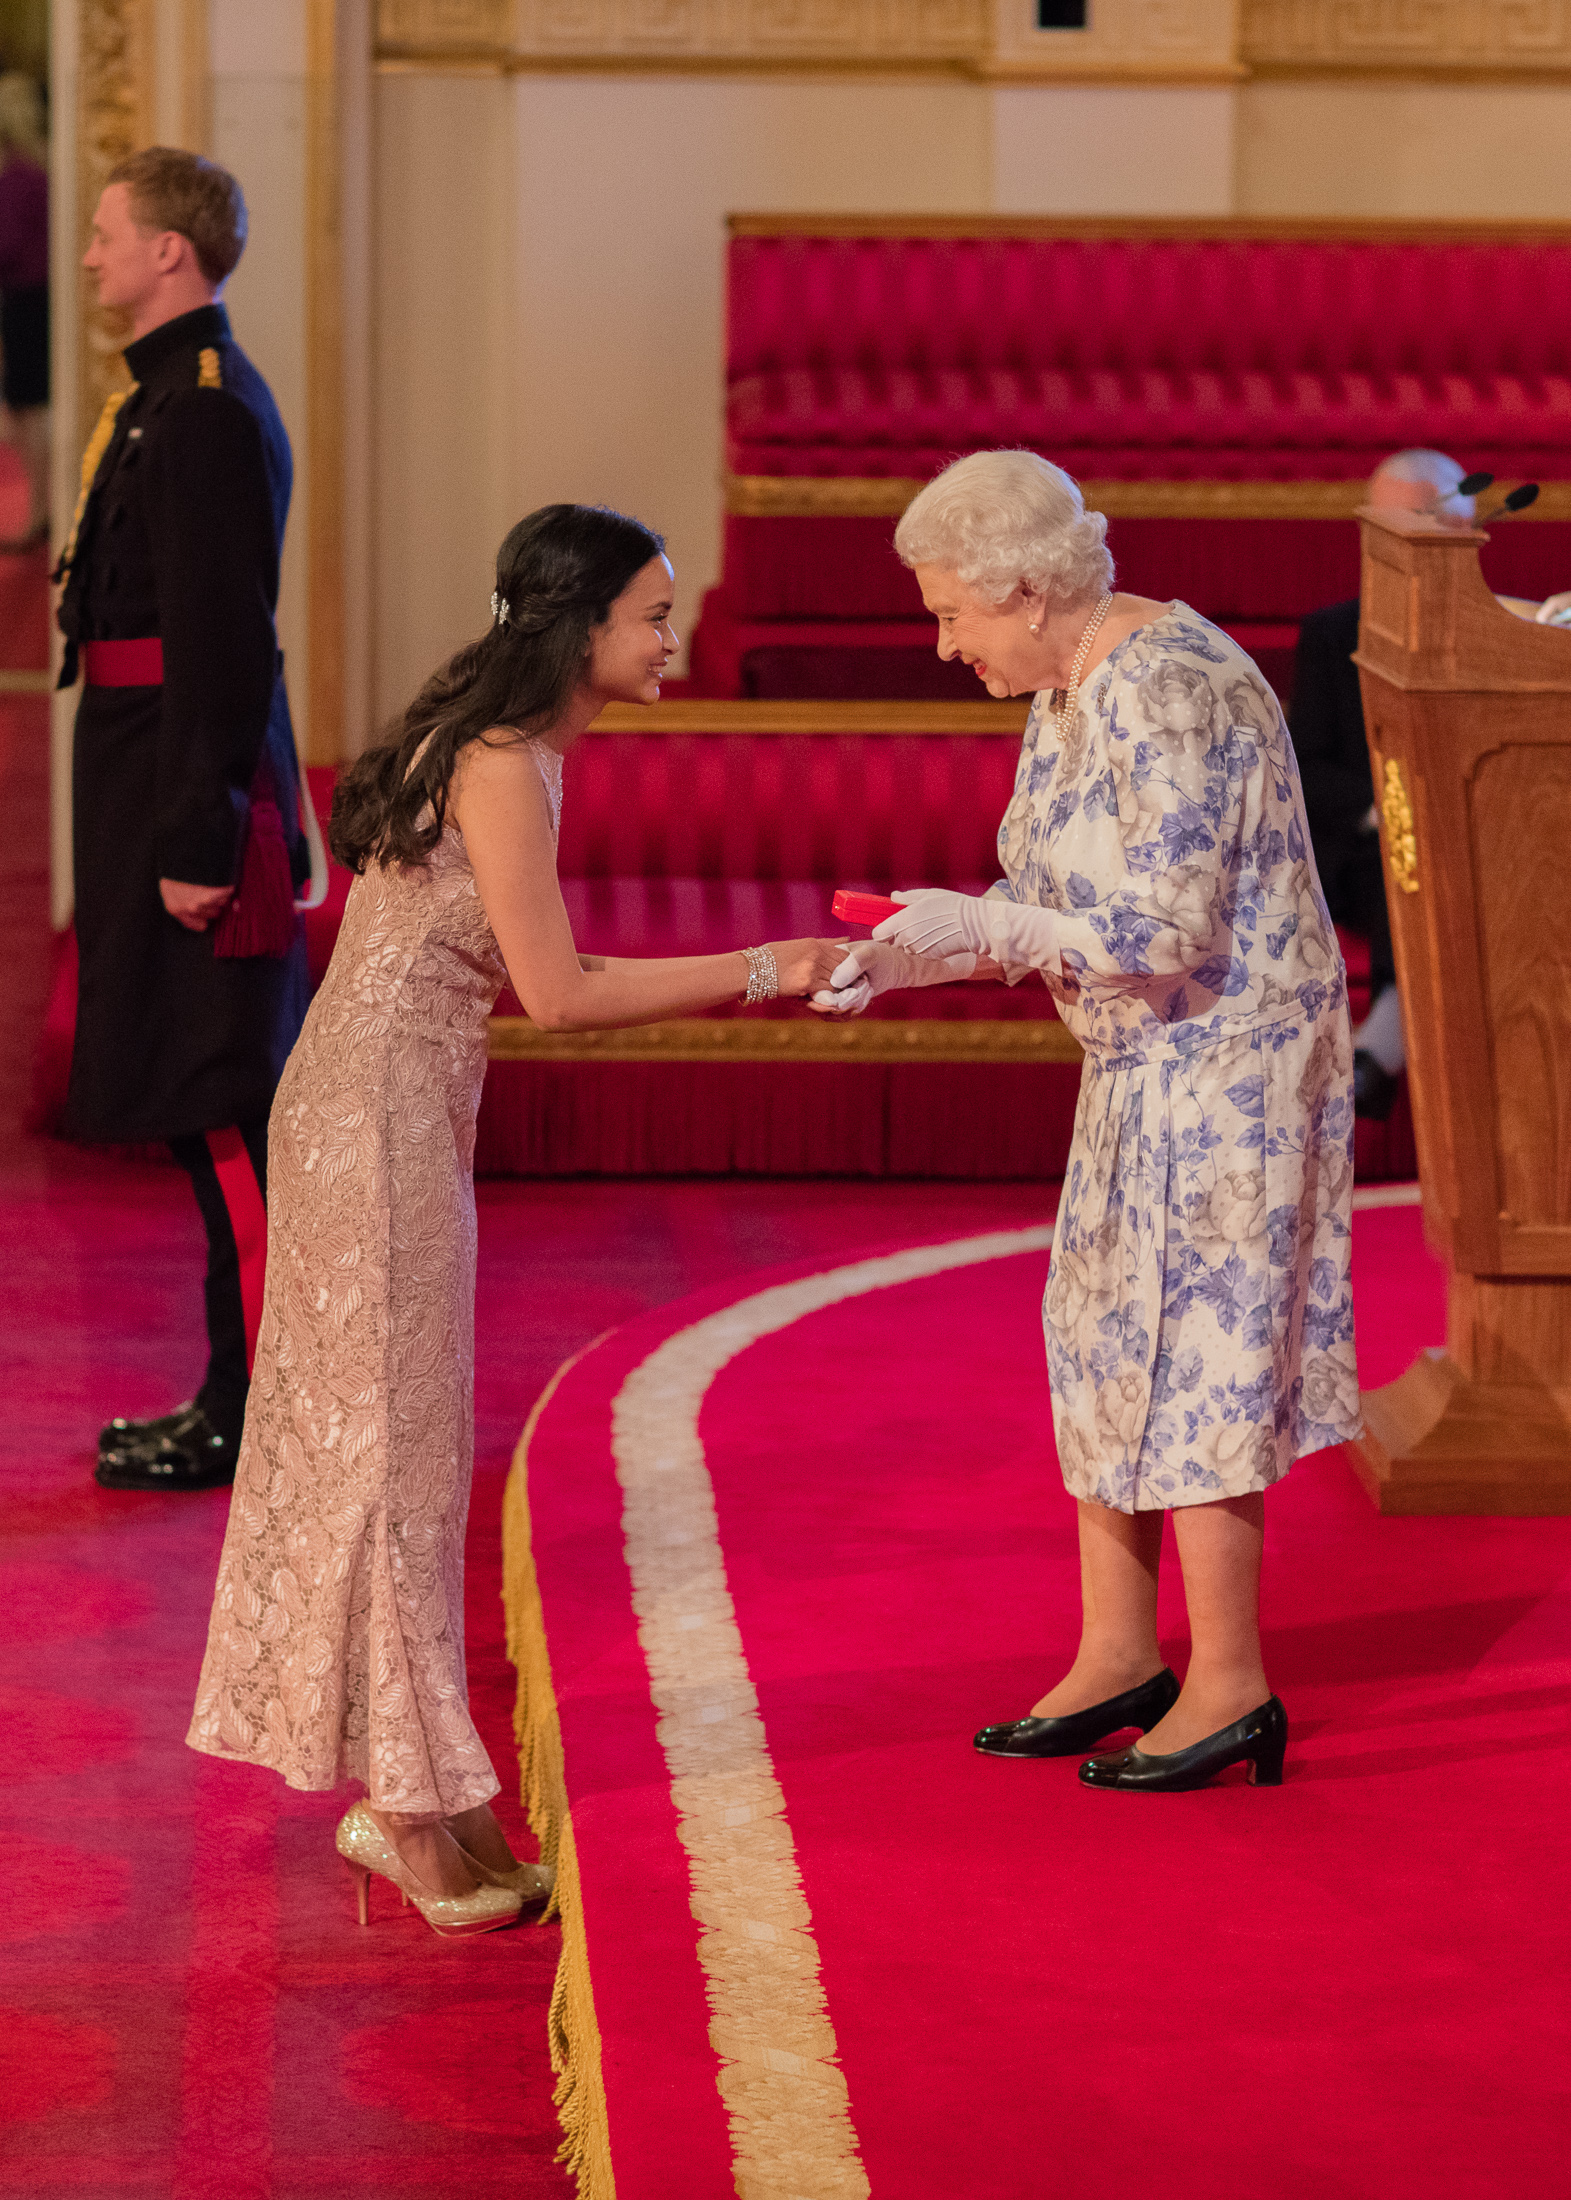 Gunjan Mhapankar 2016 Queen's Young Leader